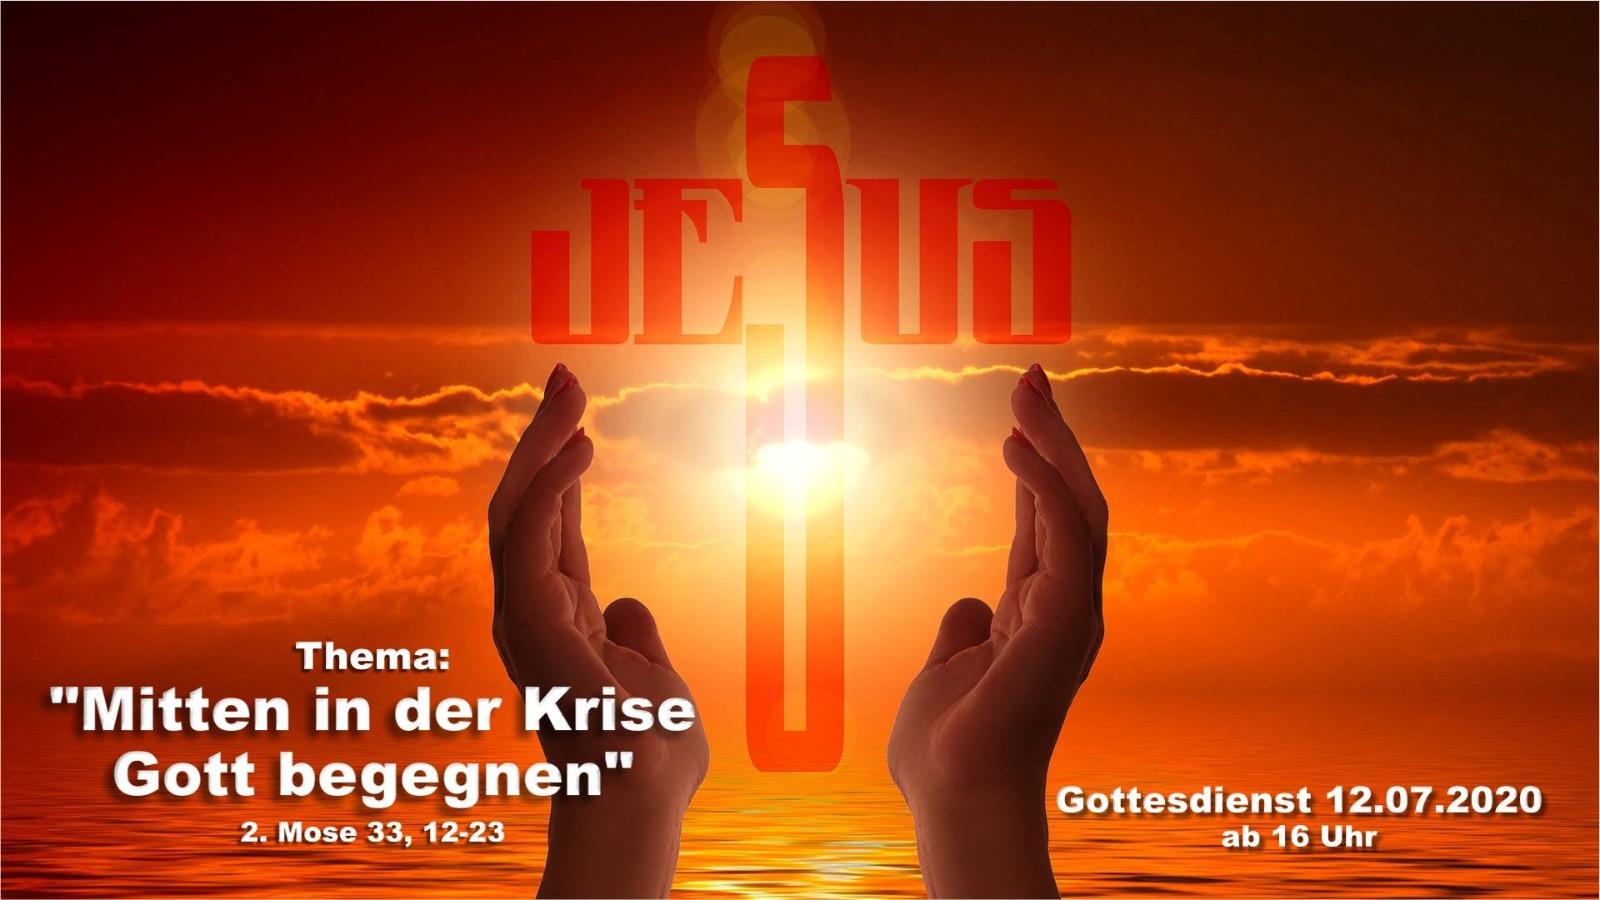 Mitten in der Krise Gott begegnen - Online-Gottesdienst vom 12.07.2020